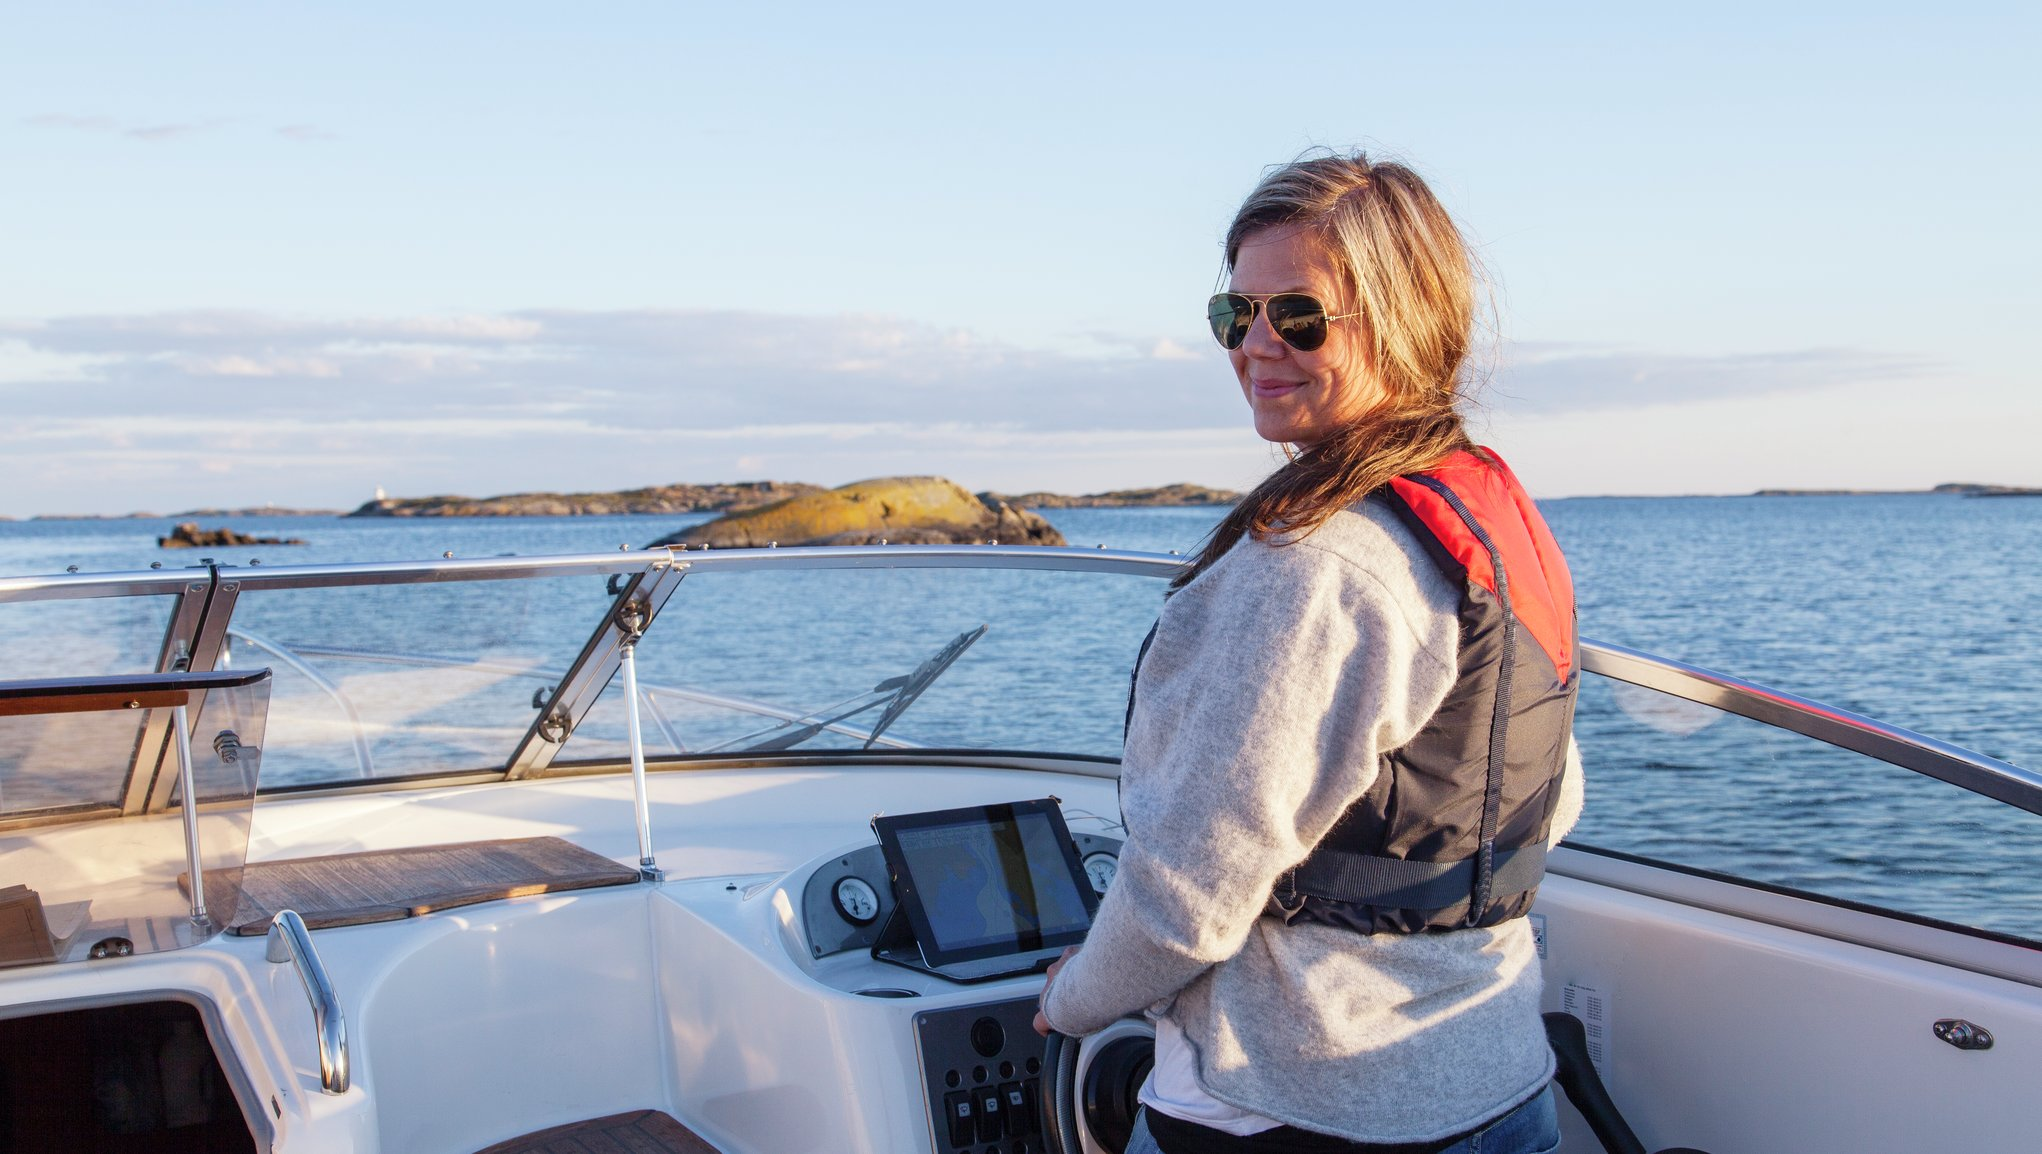 Vi hjelper deg med forsikring av fritidsbåter